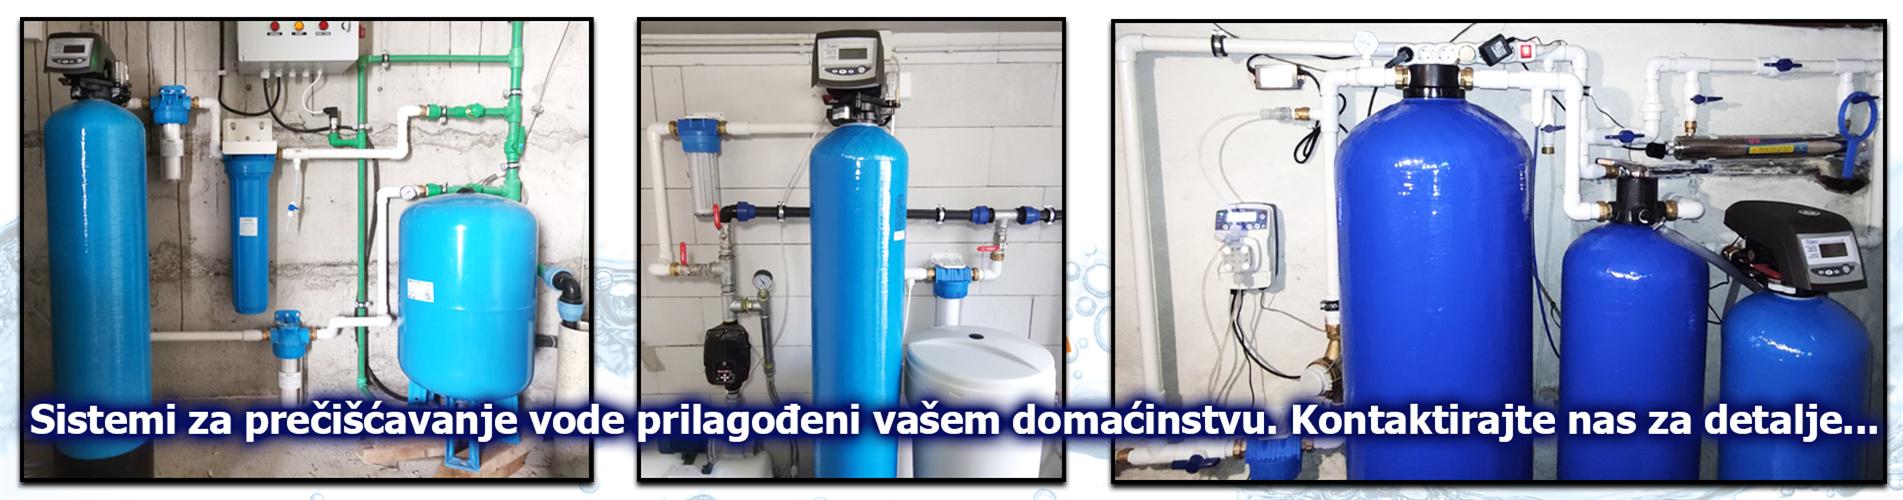 Sistemi za prečišćavanje vode